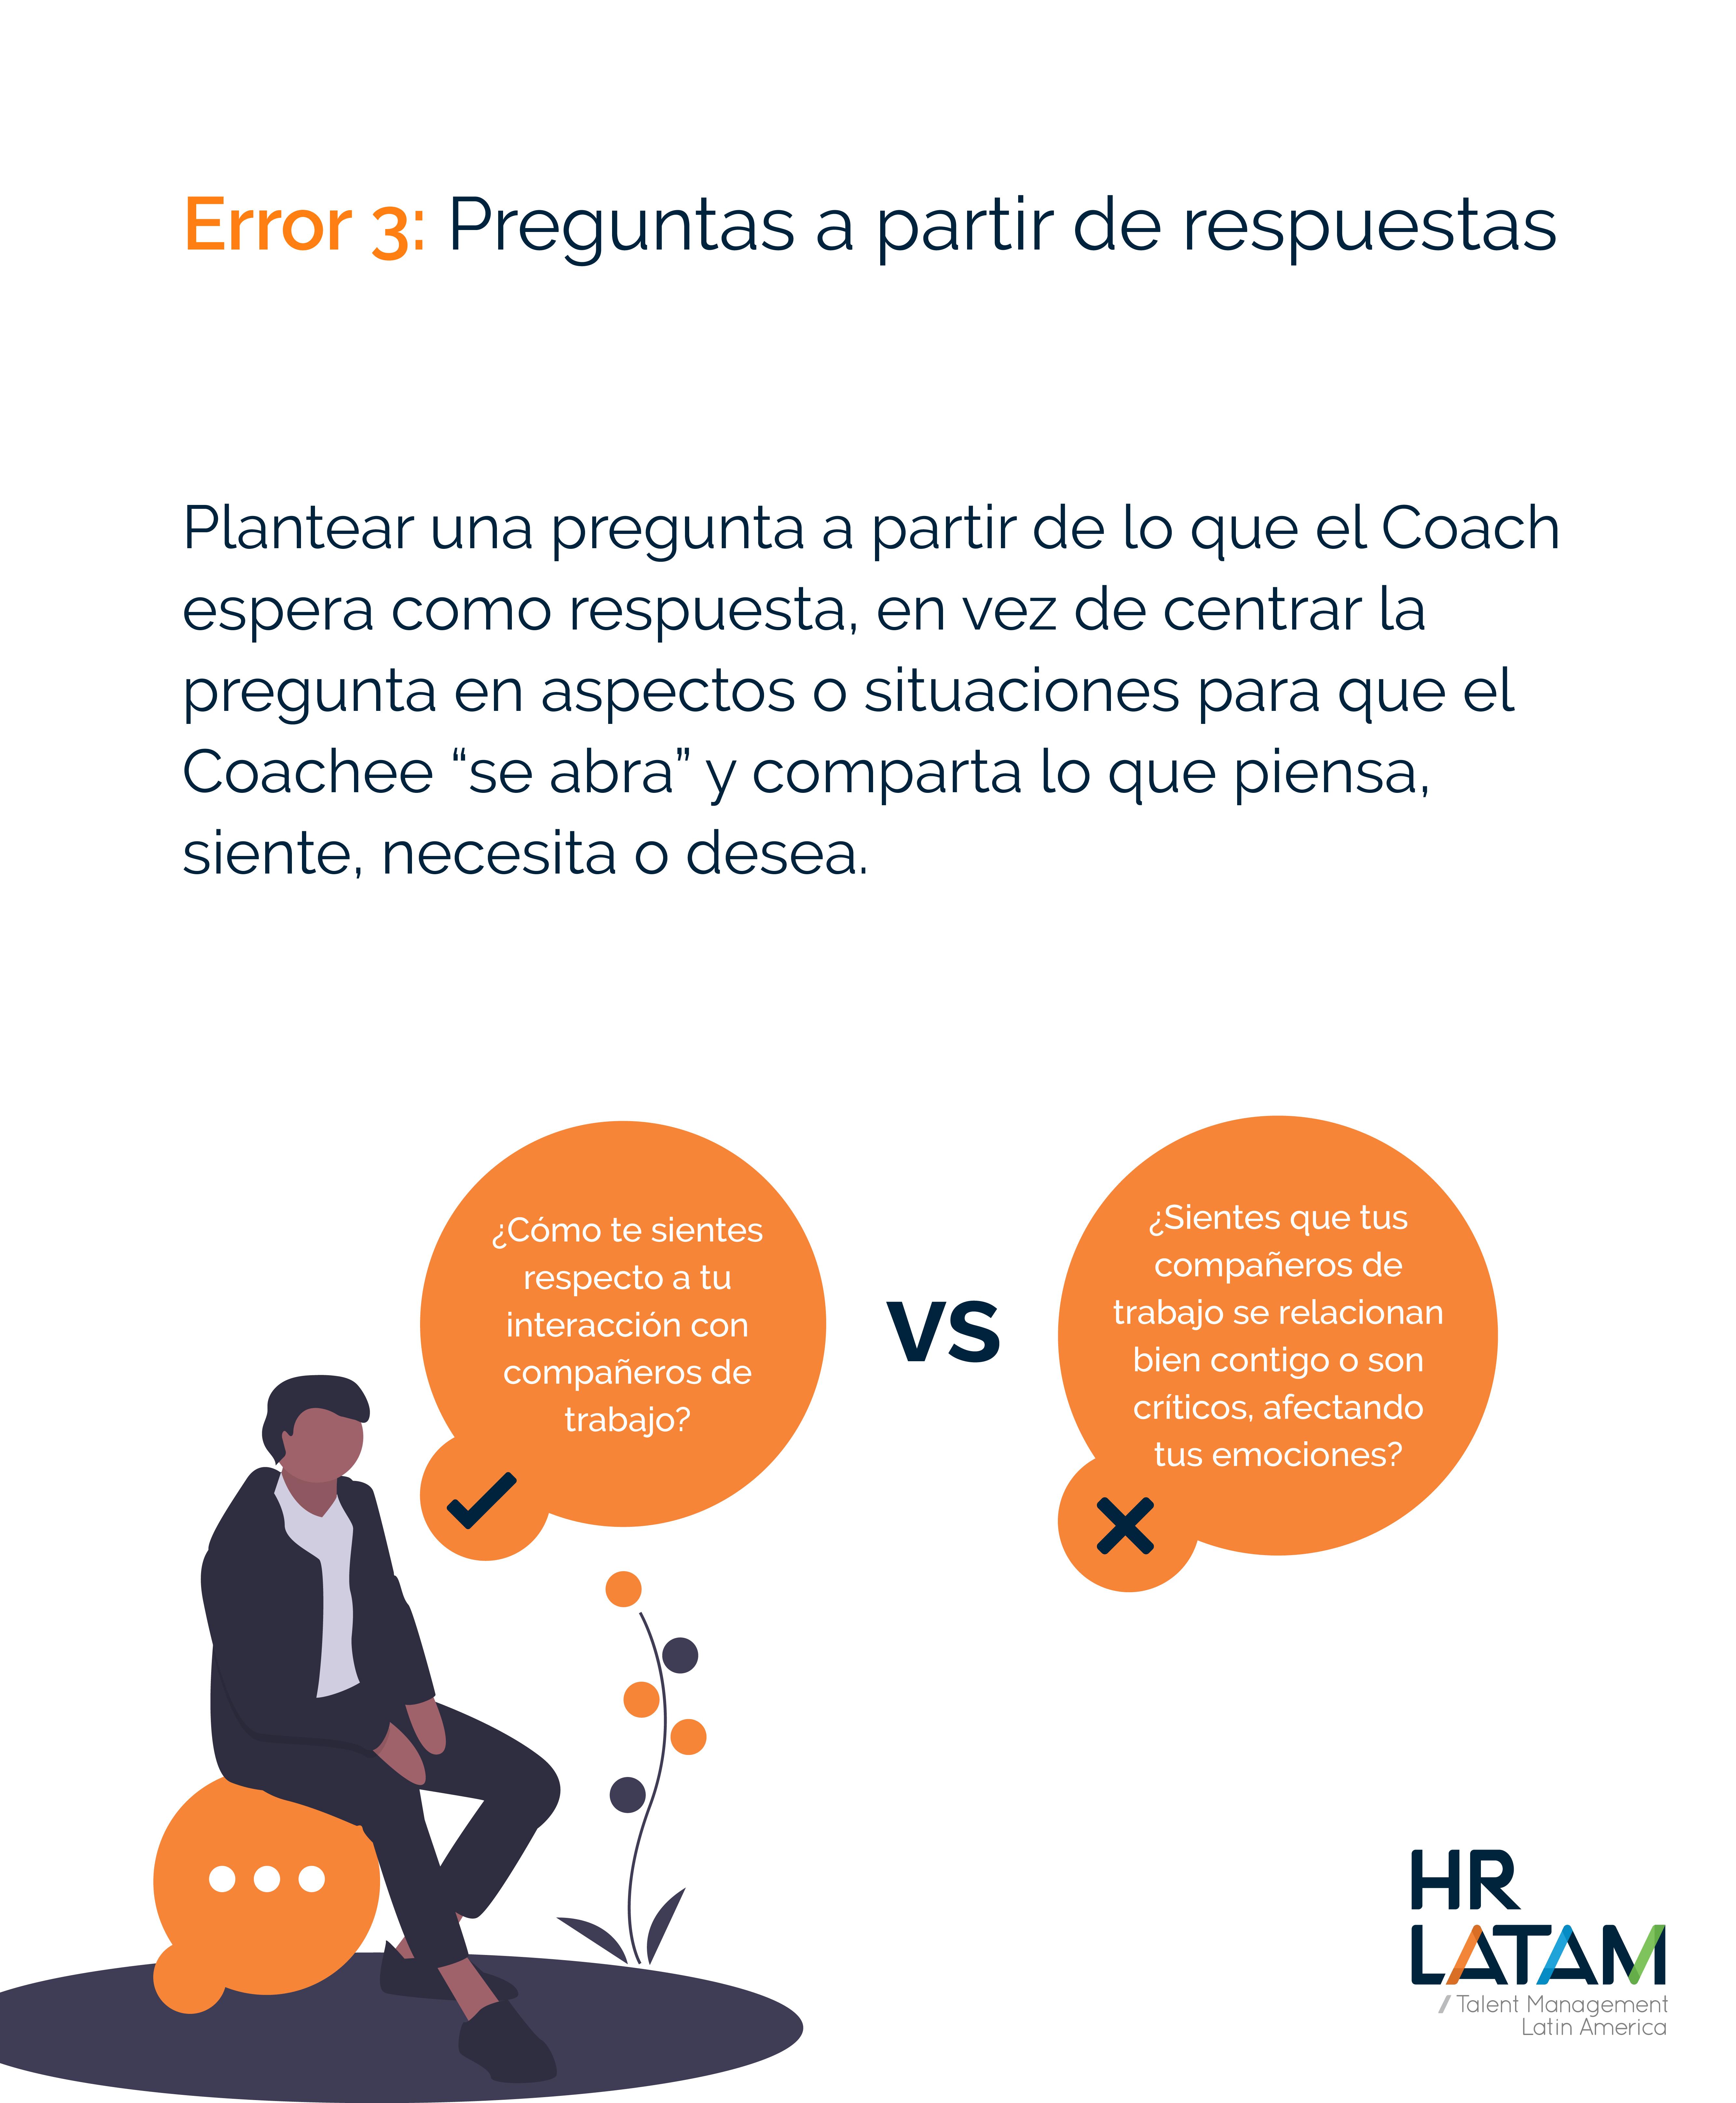 Error 3: Preguntas a partir de respuestas (coaching)